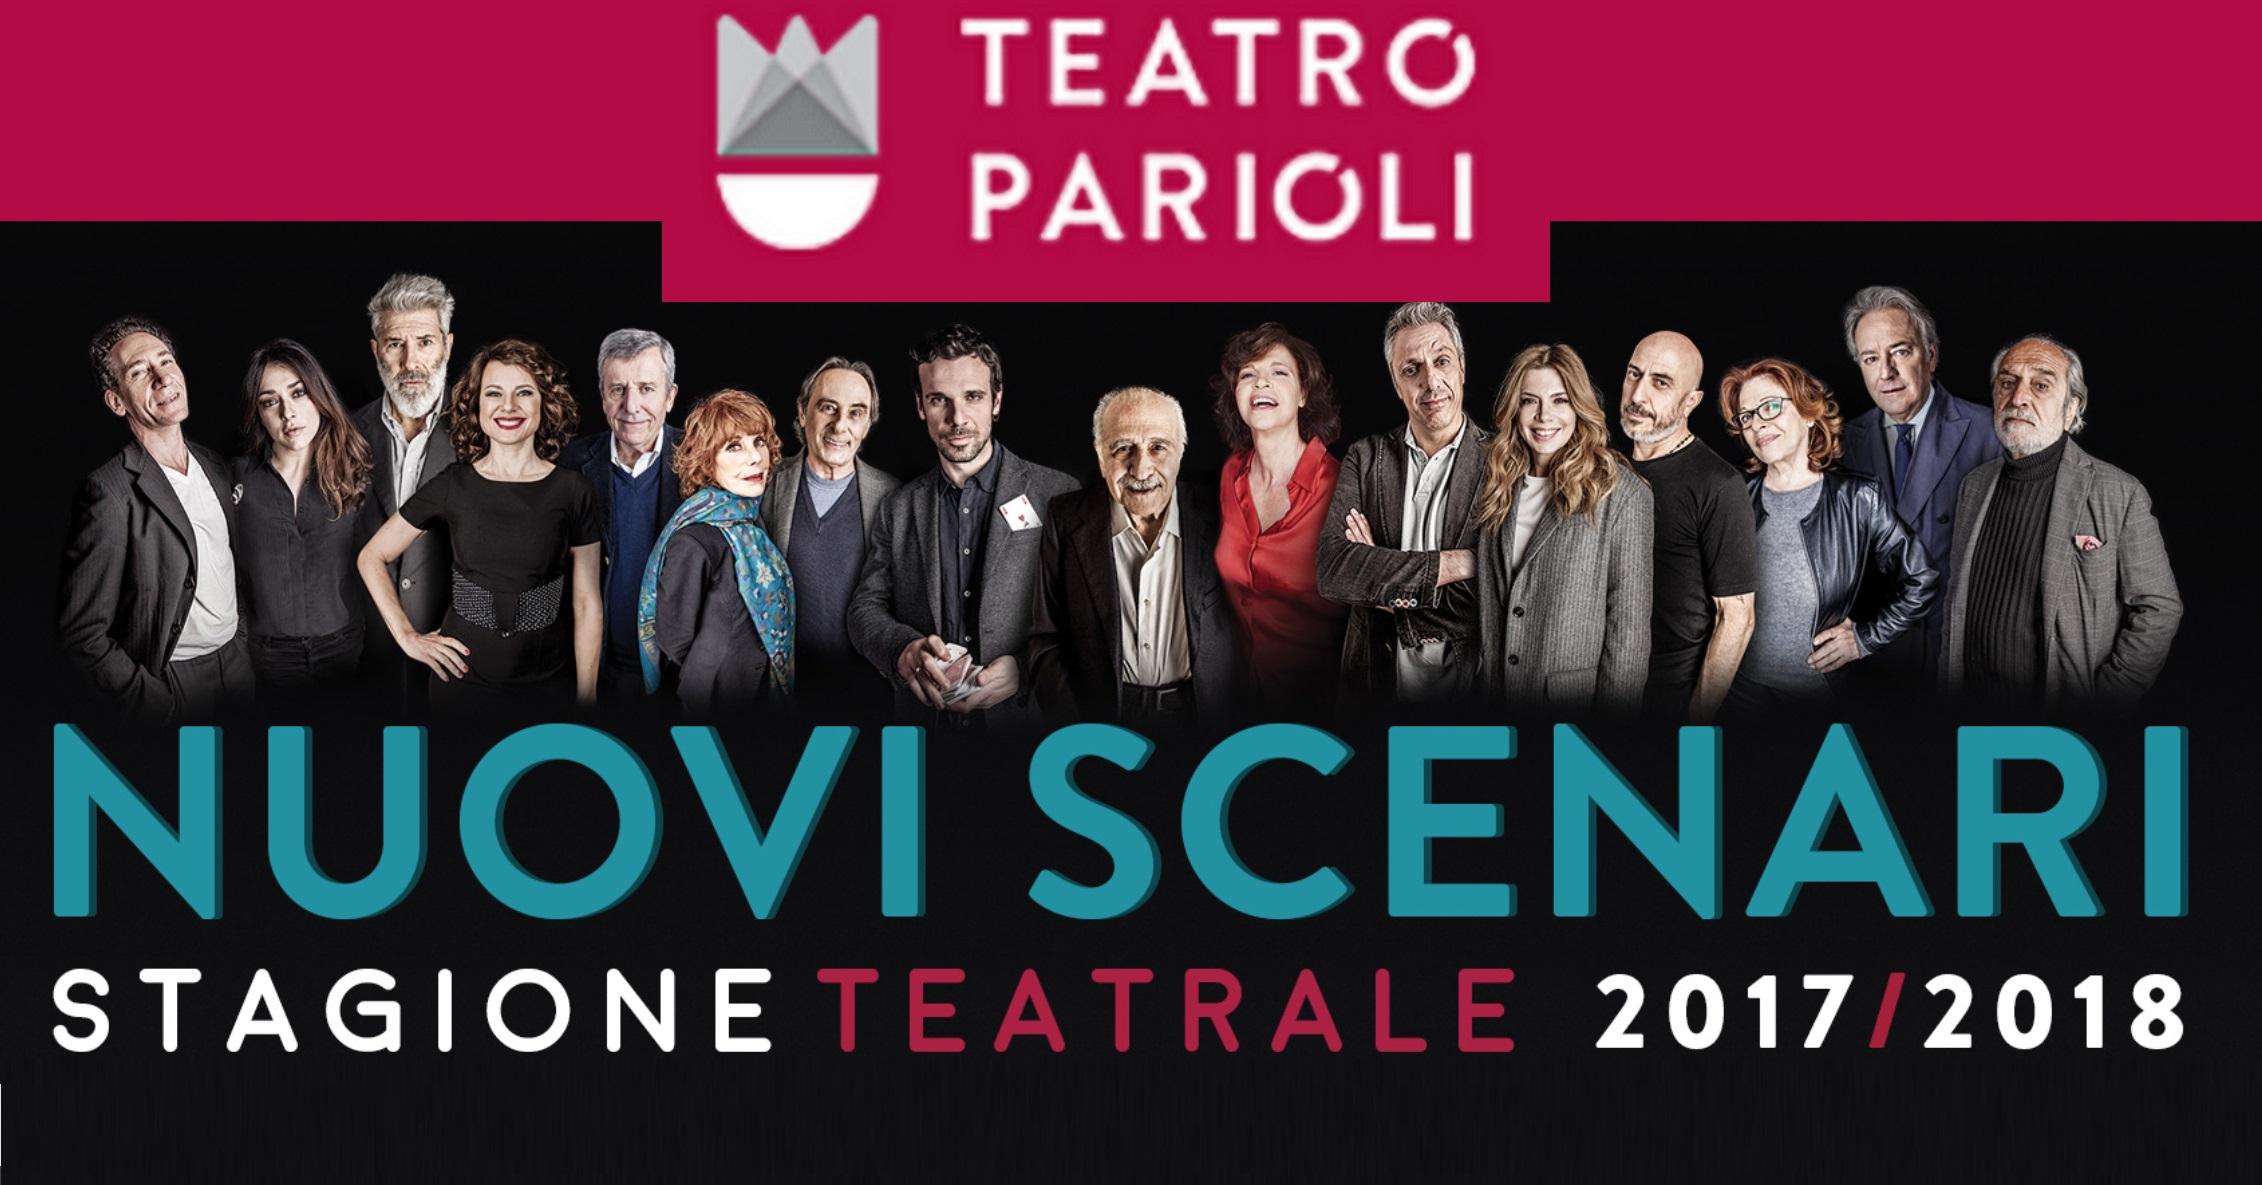 Teatro Parioli stagione 2017-18